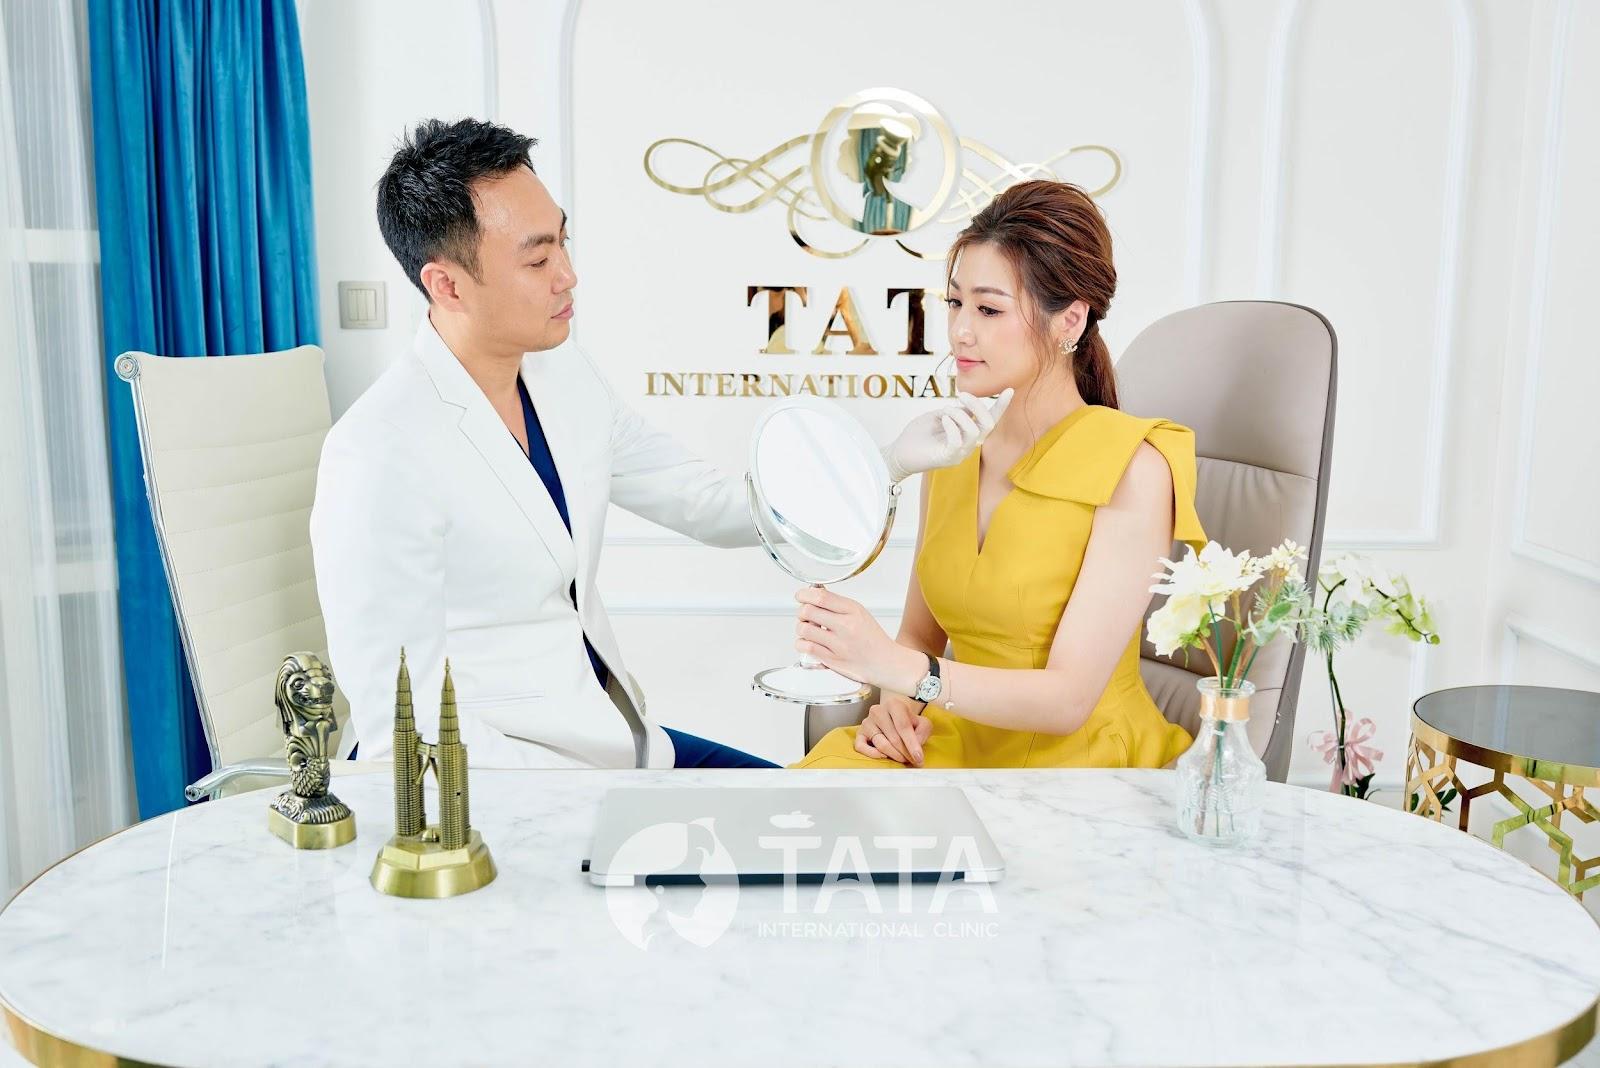 TATA International Clinic - Chương trình ưu đãi hấp dẫn cho phái đẹp - Ảnh 5